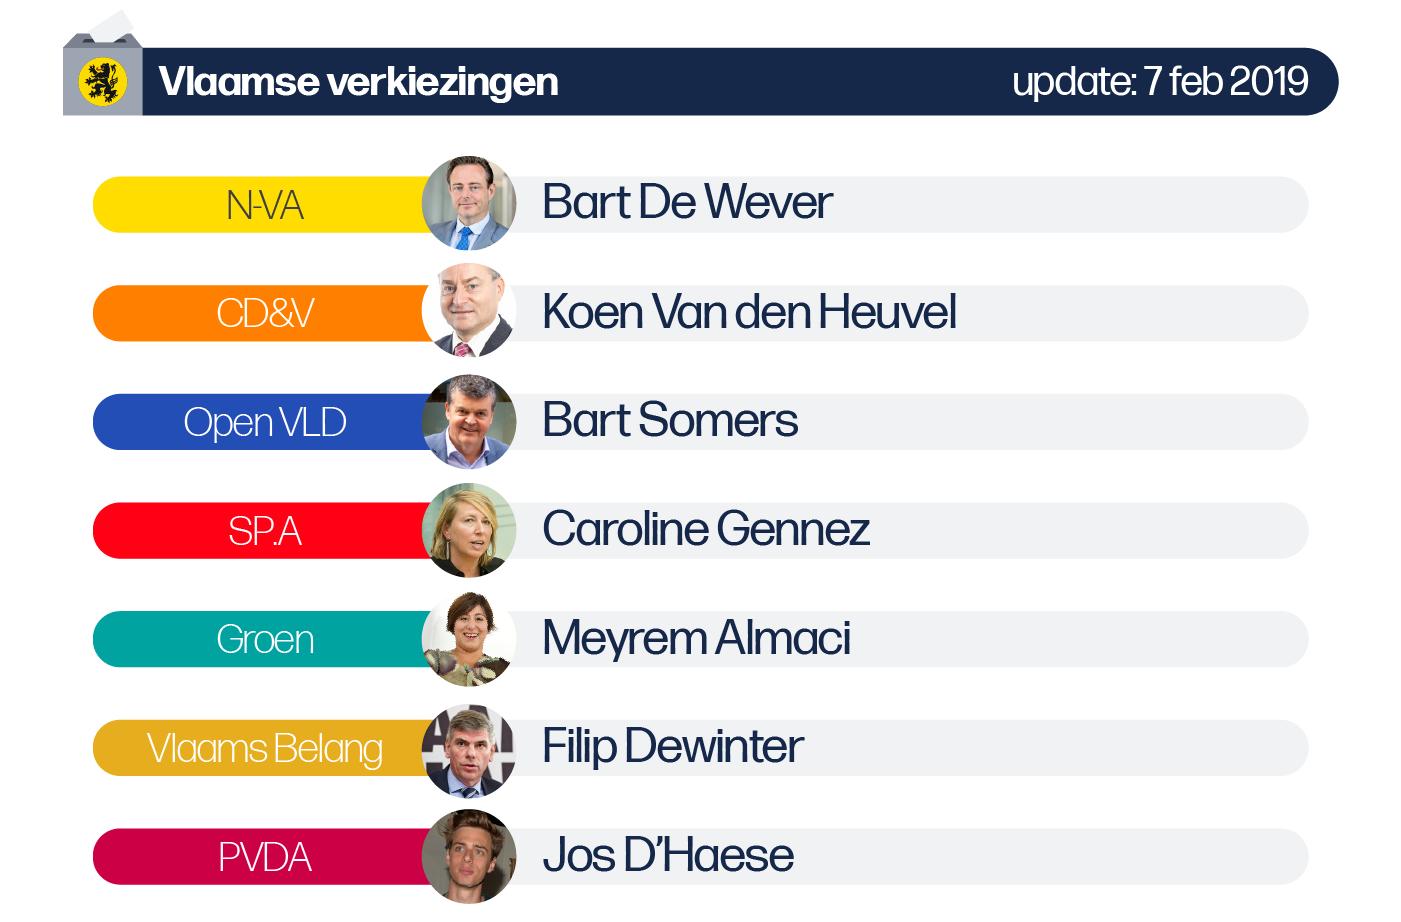 Deze afbeelding omvat volgende lijsttrekkers voor de Vlaamse verkiezingen van de provincie Antwerpen: N-VA: Bart De Wever, CD&V: Koen Van den Heuvel, SP.A: Caroline Gennez, Vlaams Belang: Filip Dewinter